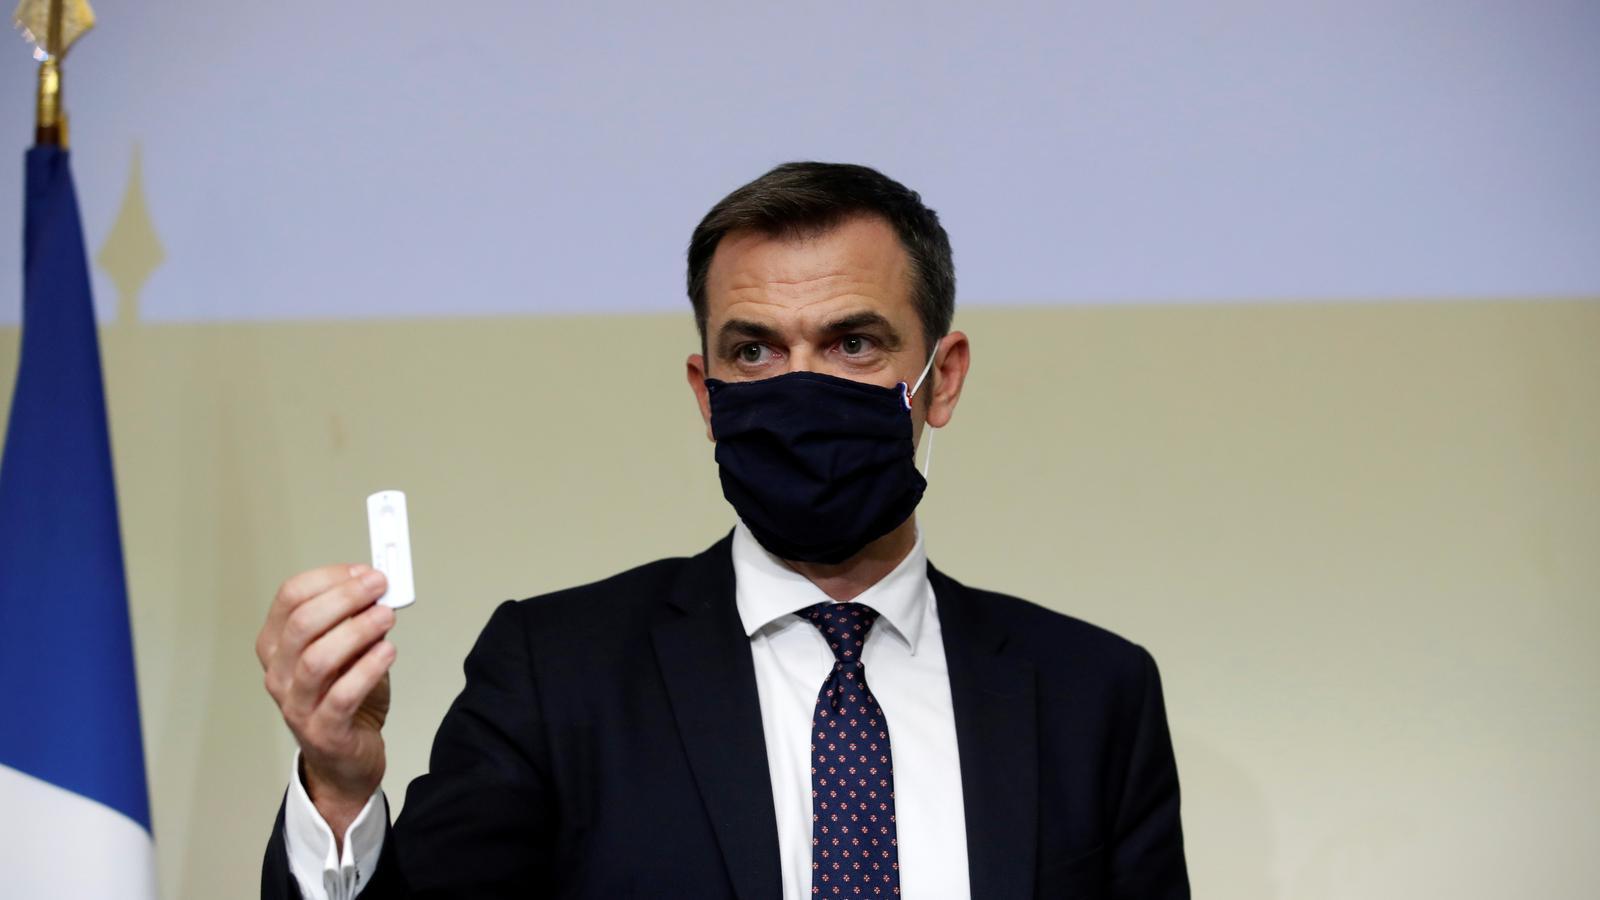 El ministre de Salud francès, Olivier Veran.